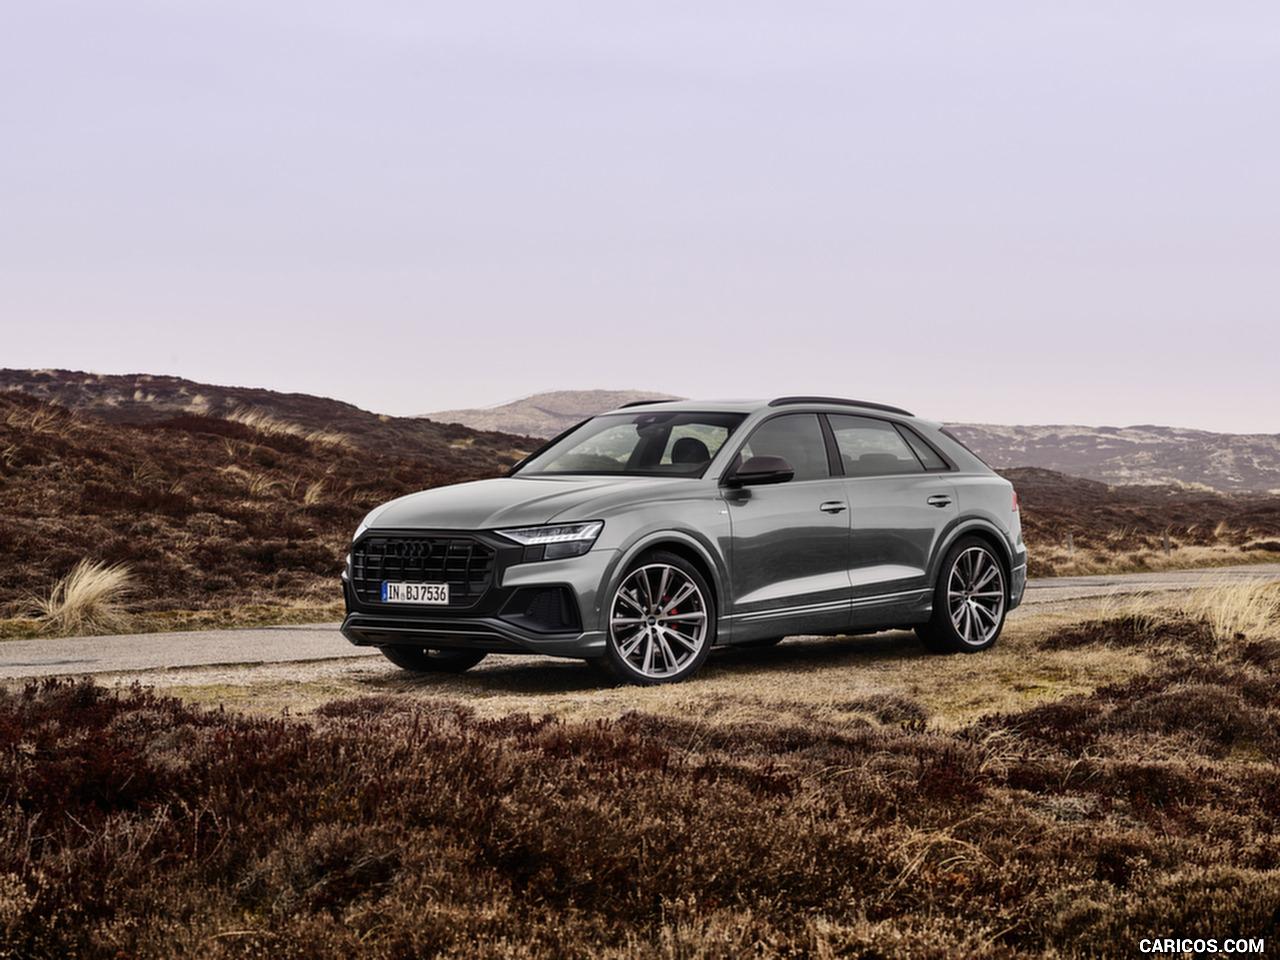 2022 Audi Q8 Images